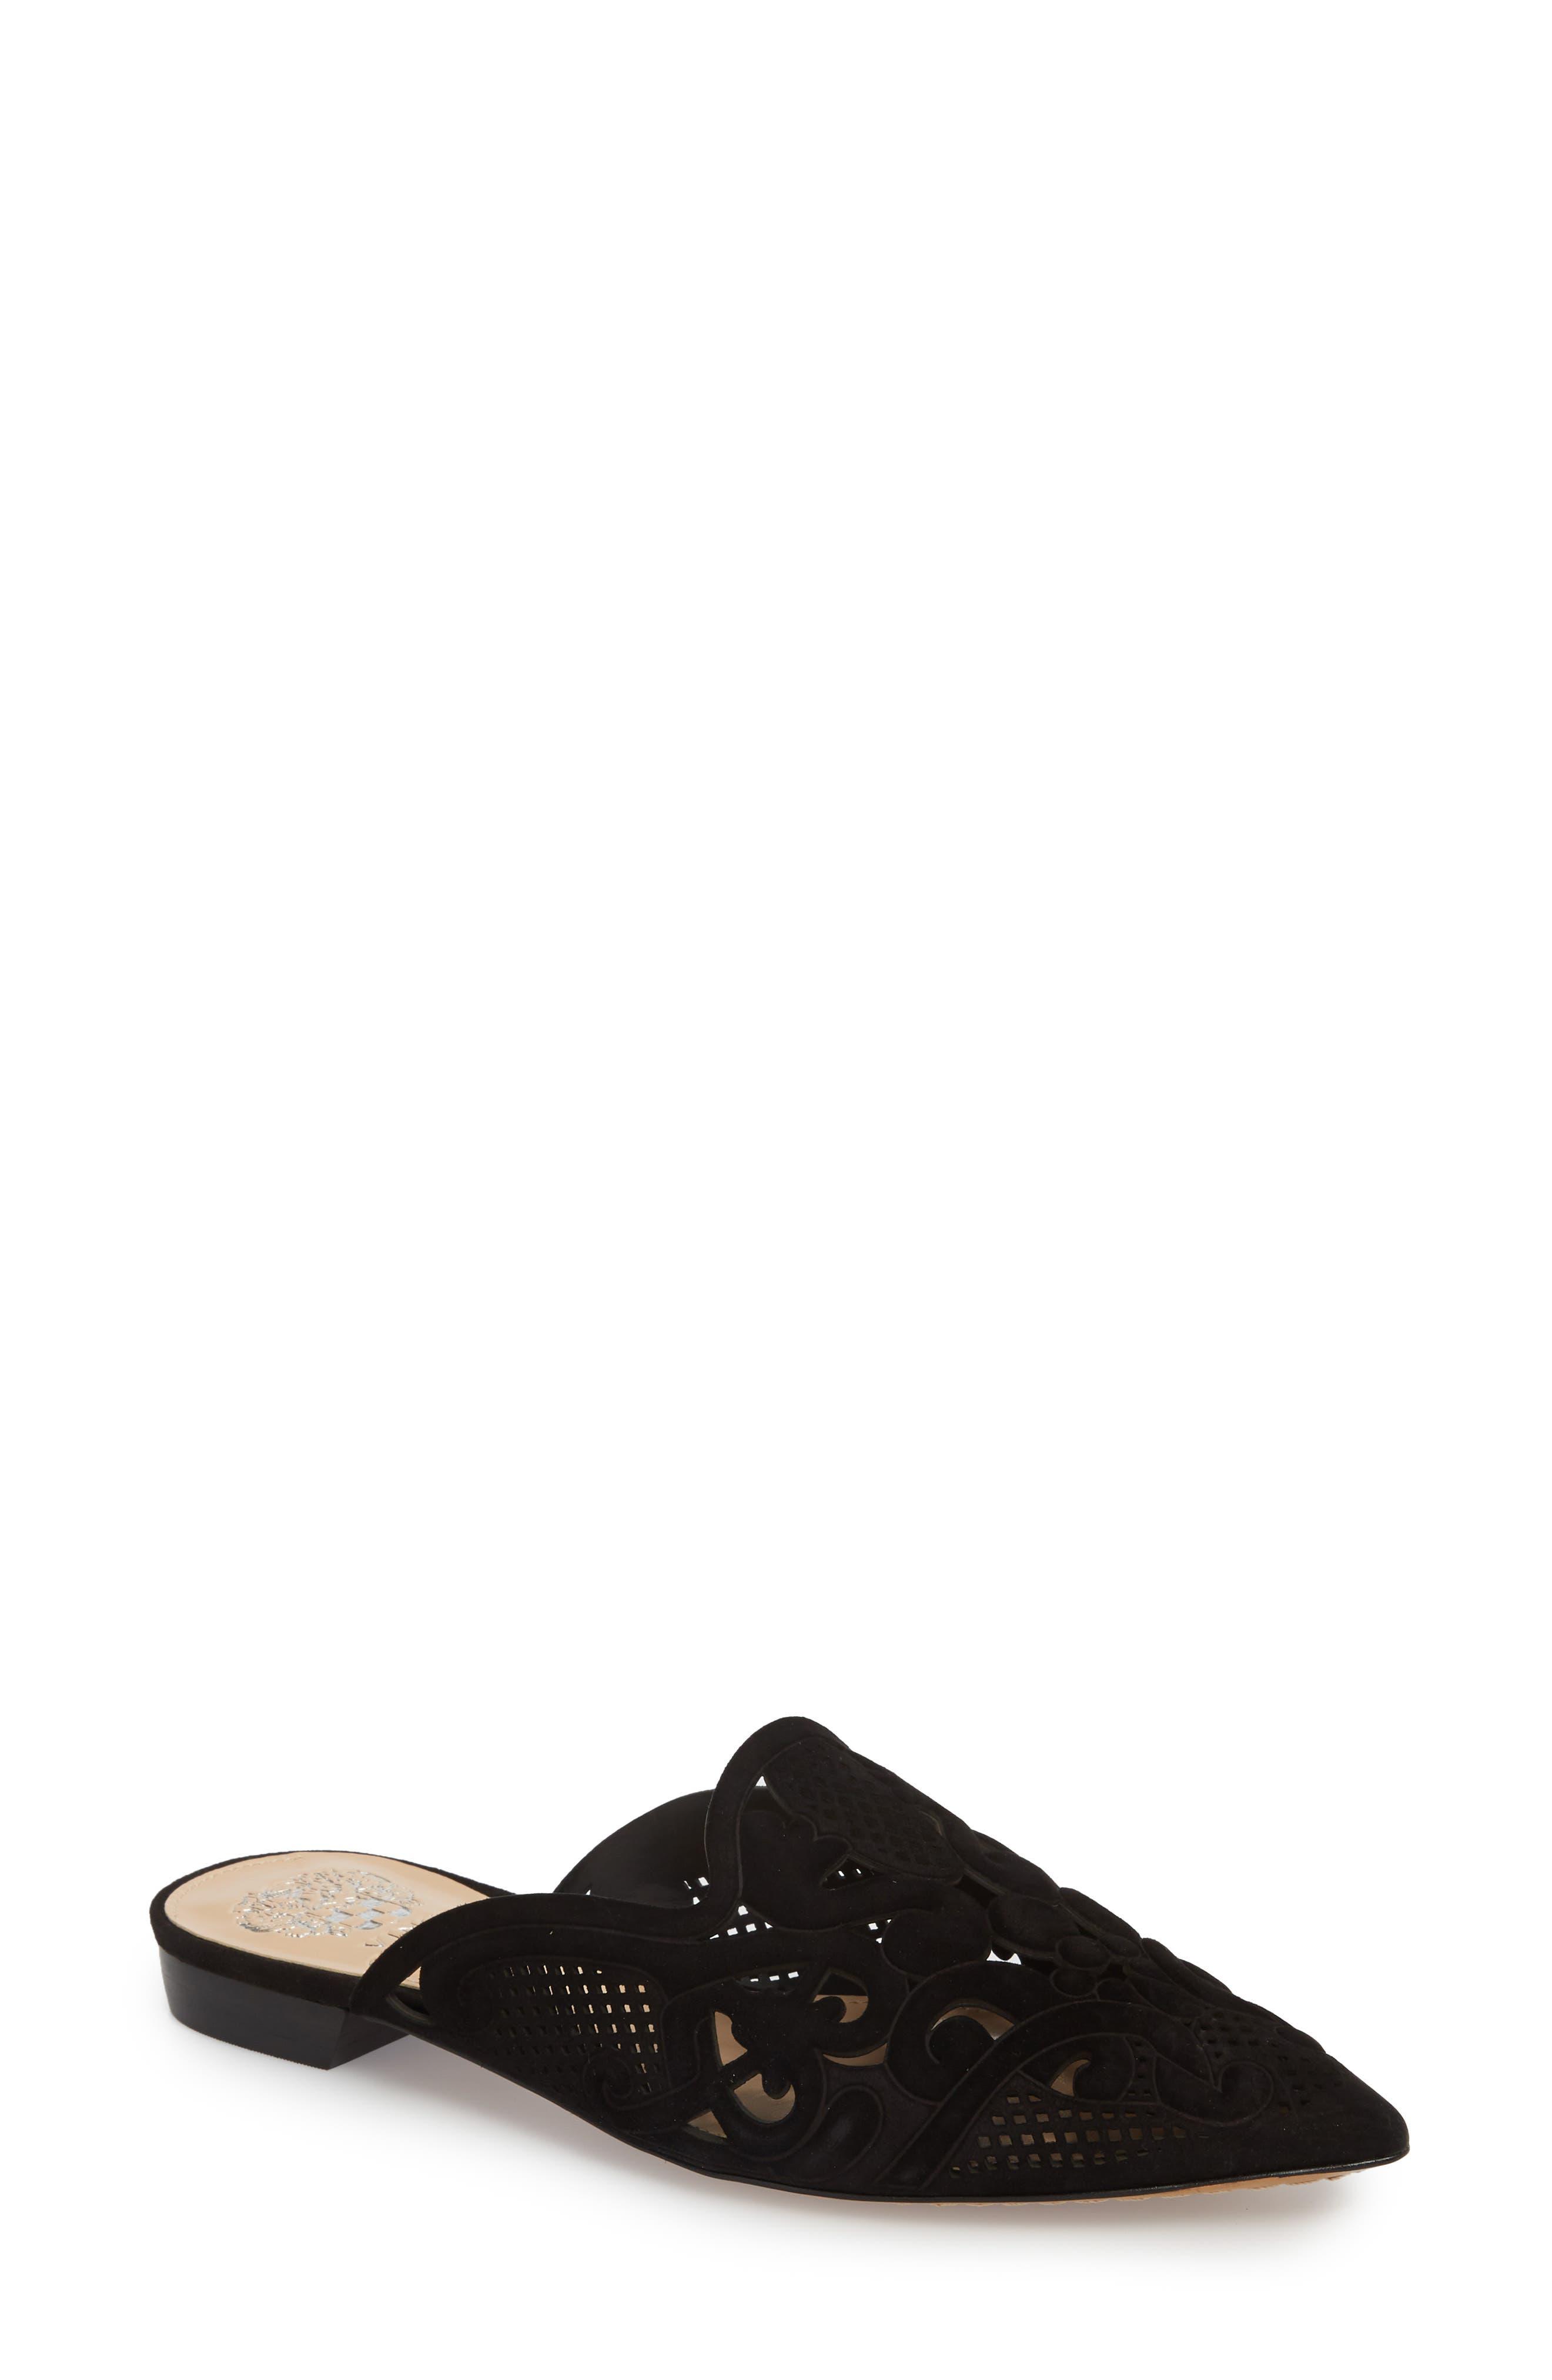 Meekel Pointy Toe Mule,                         Main,                         color, Black Suede